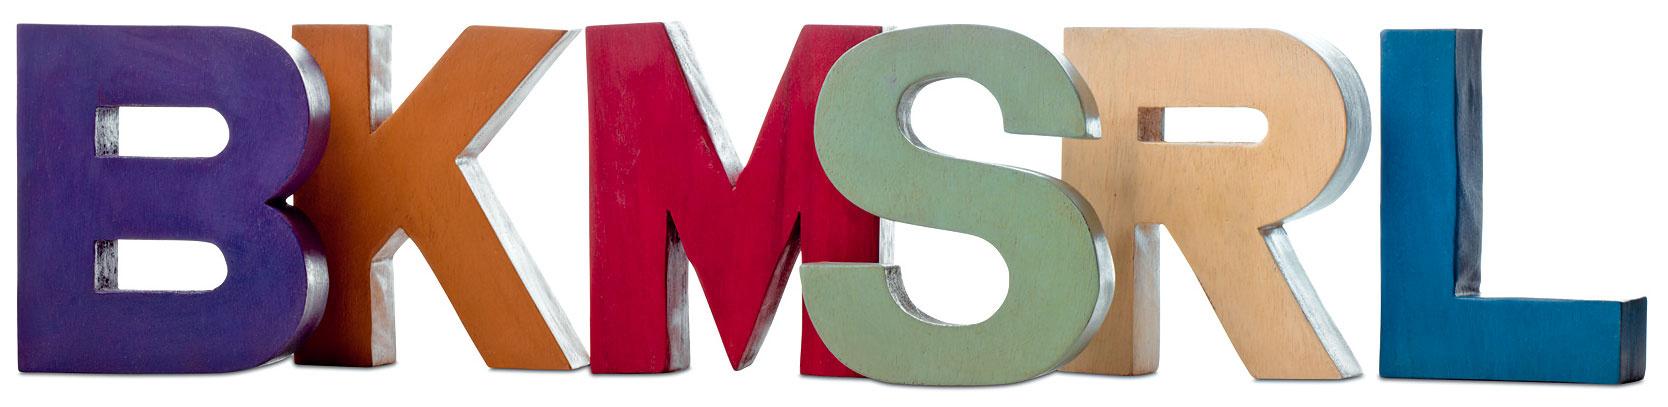 Dekorácia vtvare písmen, agátové drevo, rôzne farby, výška 15 cm, 18 €, BoConcept